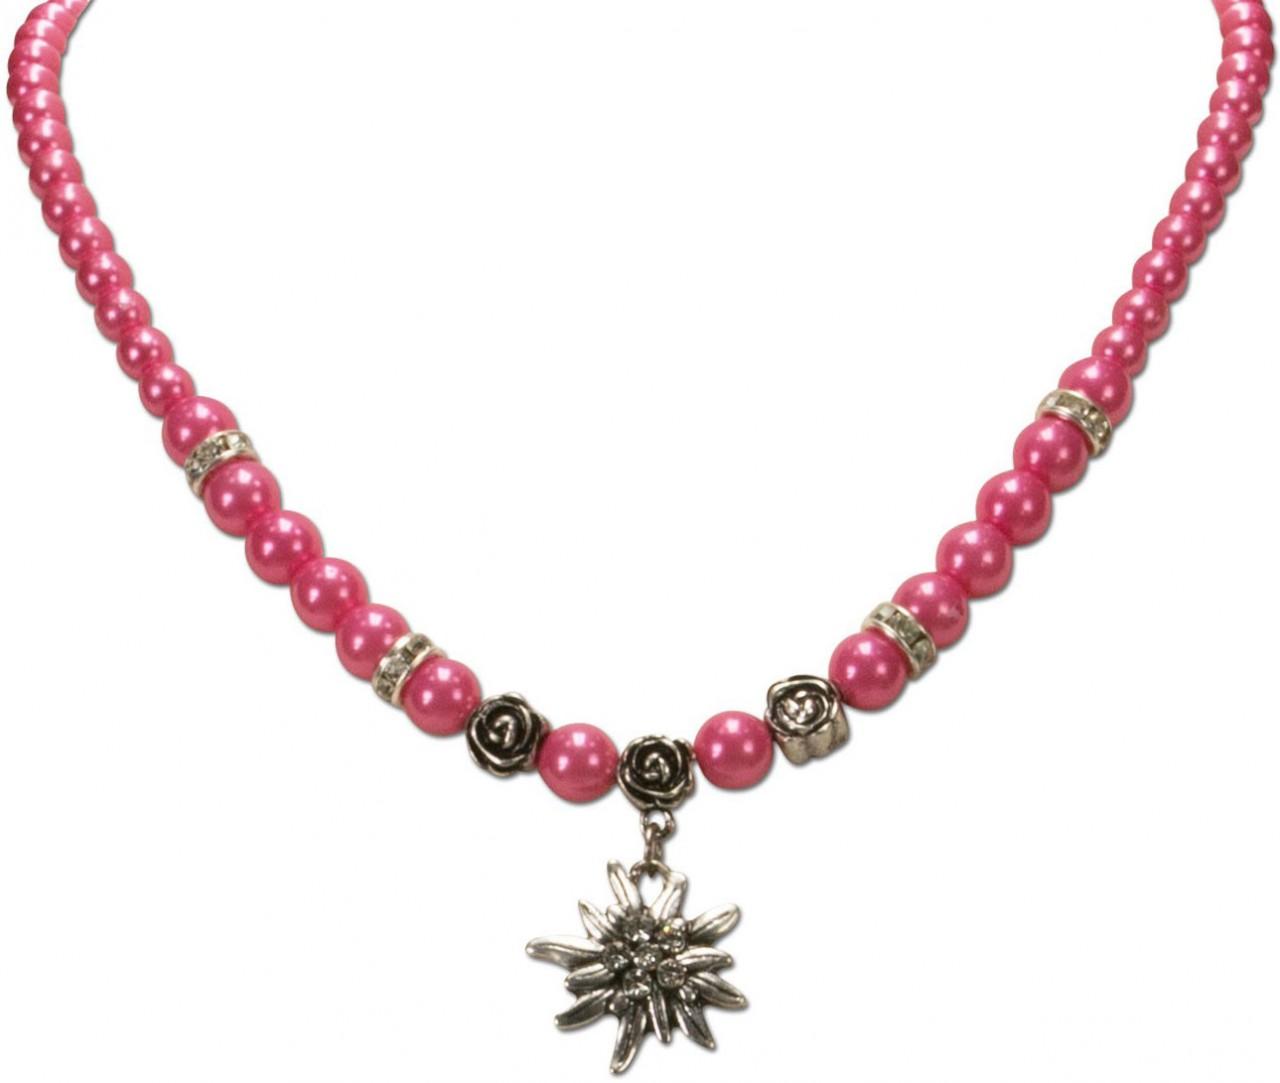 Trachtenkette kleines Edelweiß pink